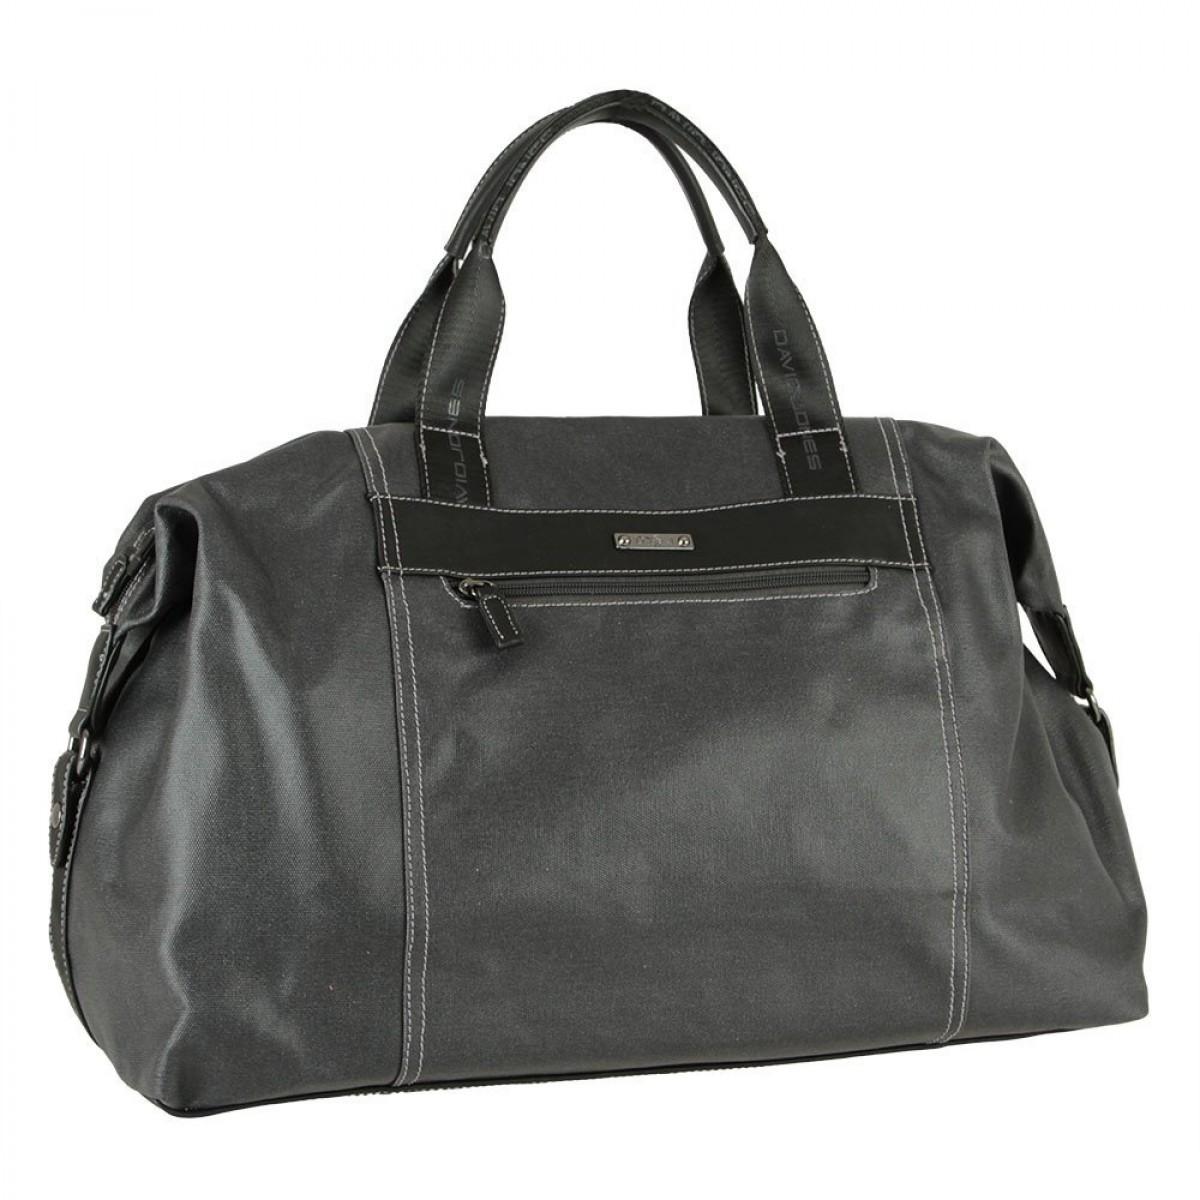 Дорожня сумка David Jones 786603 BLACK/GREY